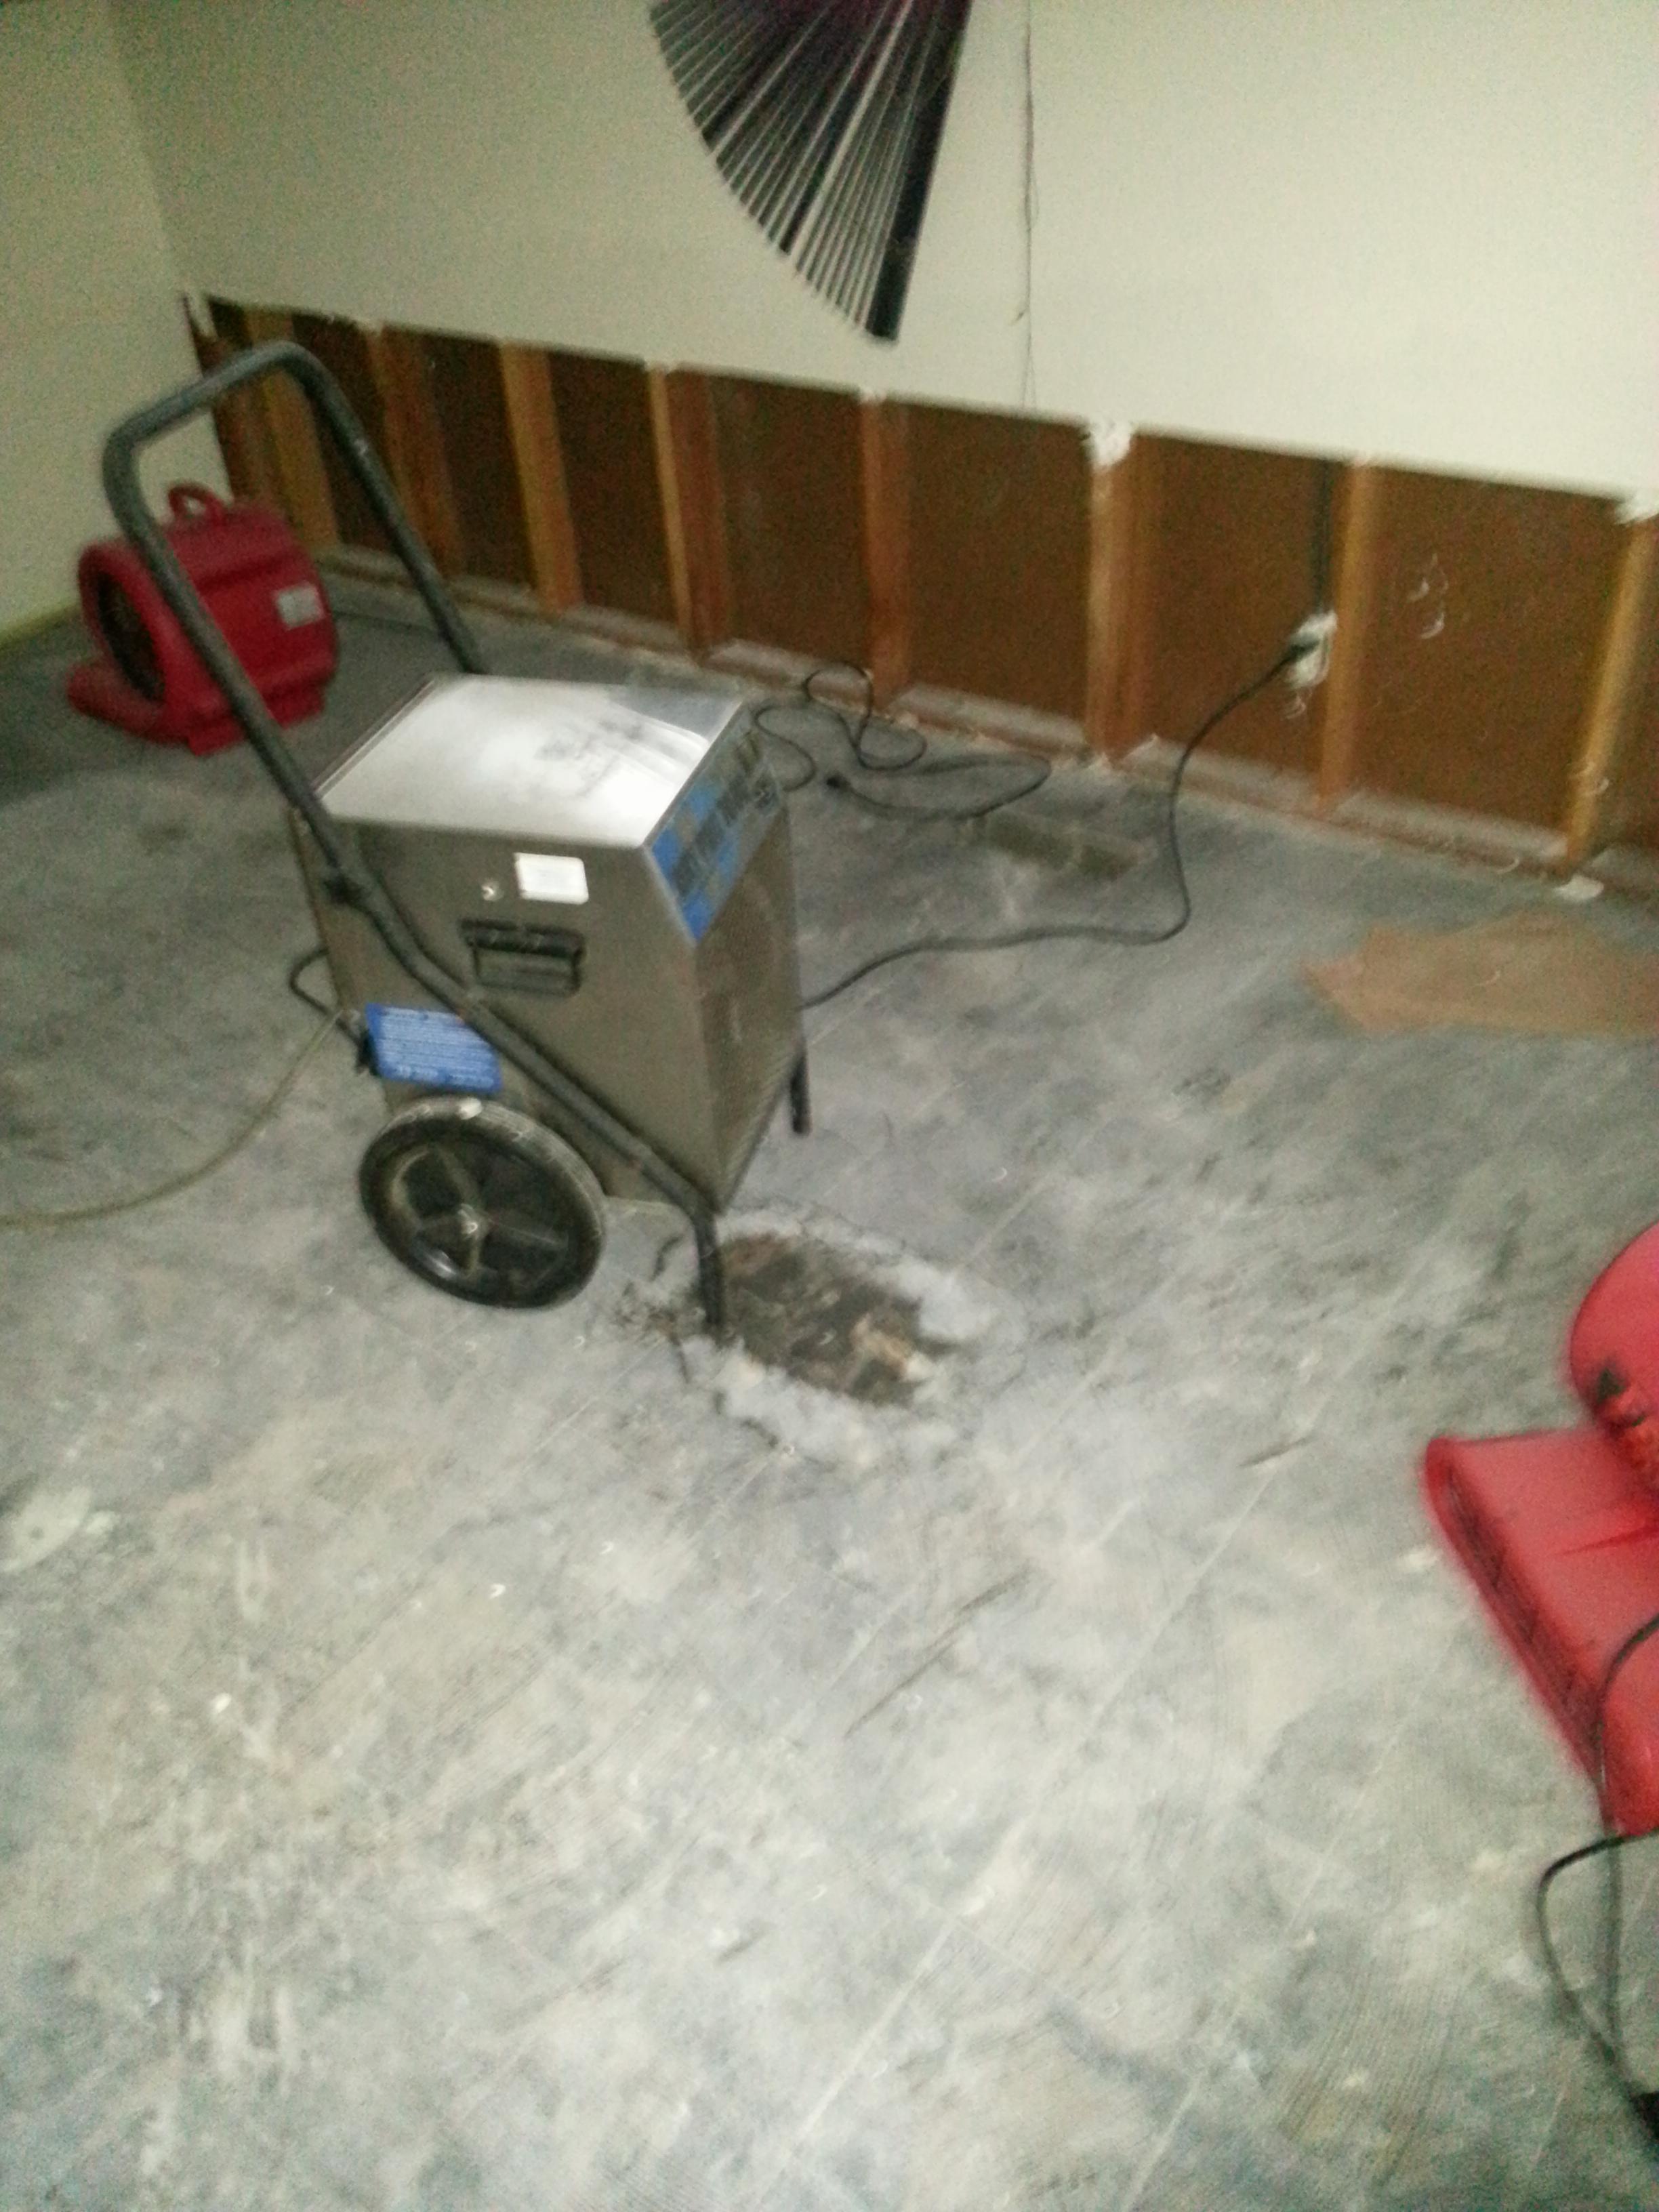 Water Damage Repair - During